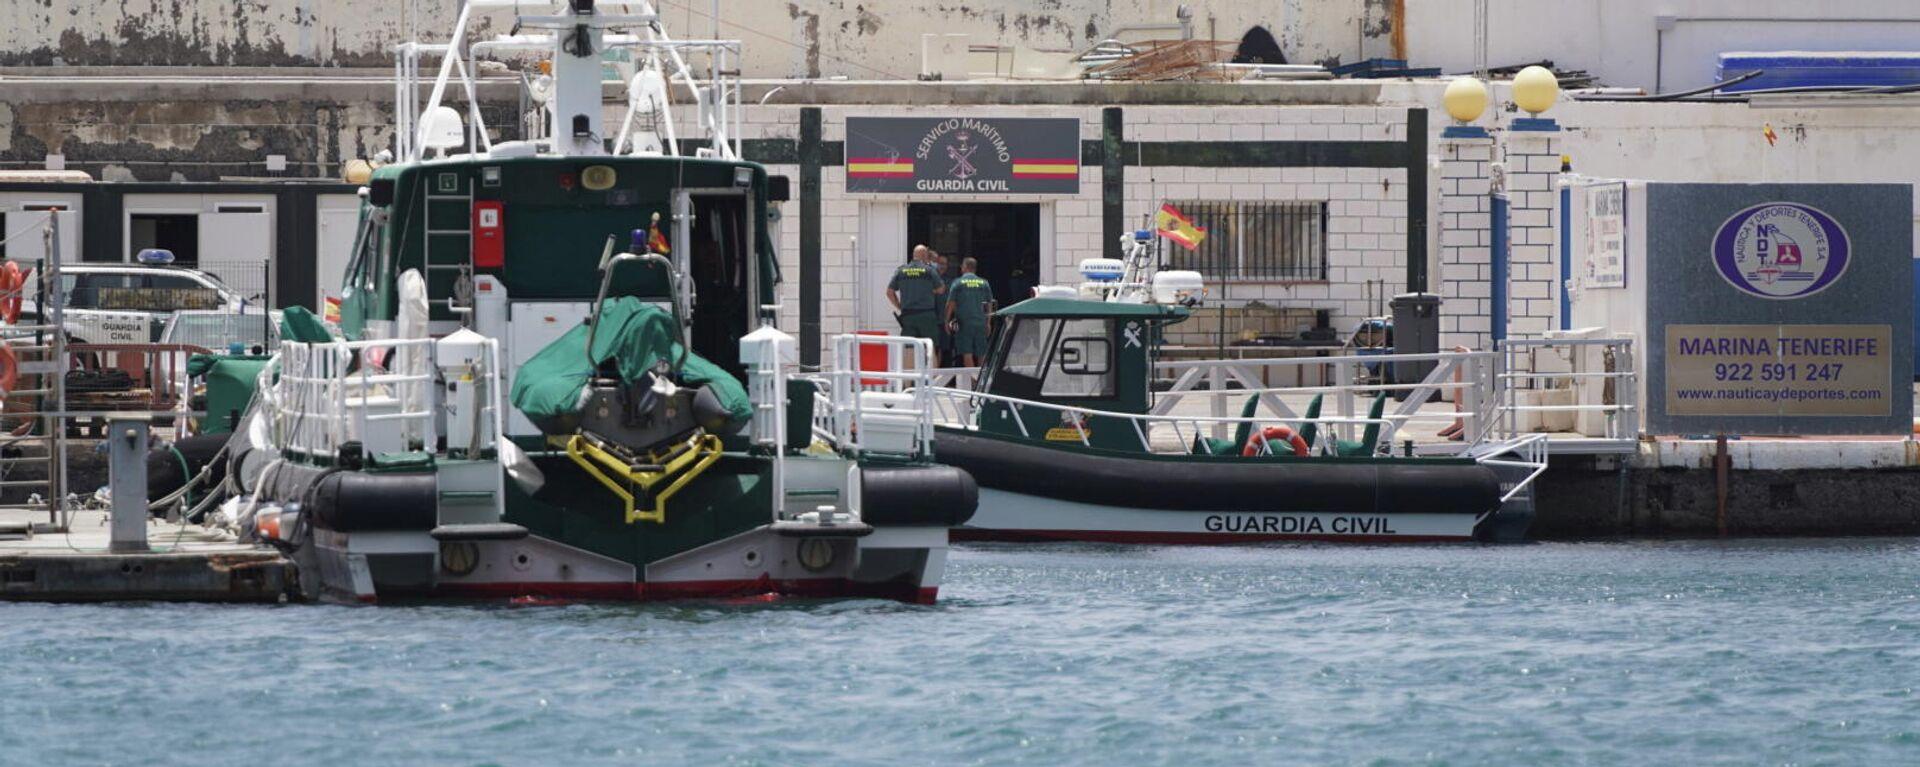 Dos lanchas de la Guardia Civil española buscan los cuerpos de dos niñas desaparecidas en Tenerife - Sputnik Mundo, 1920, 11.06.2021